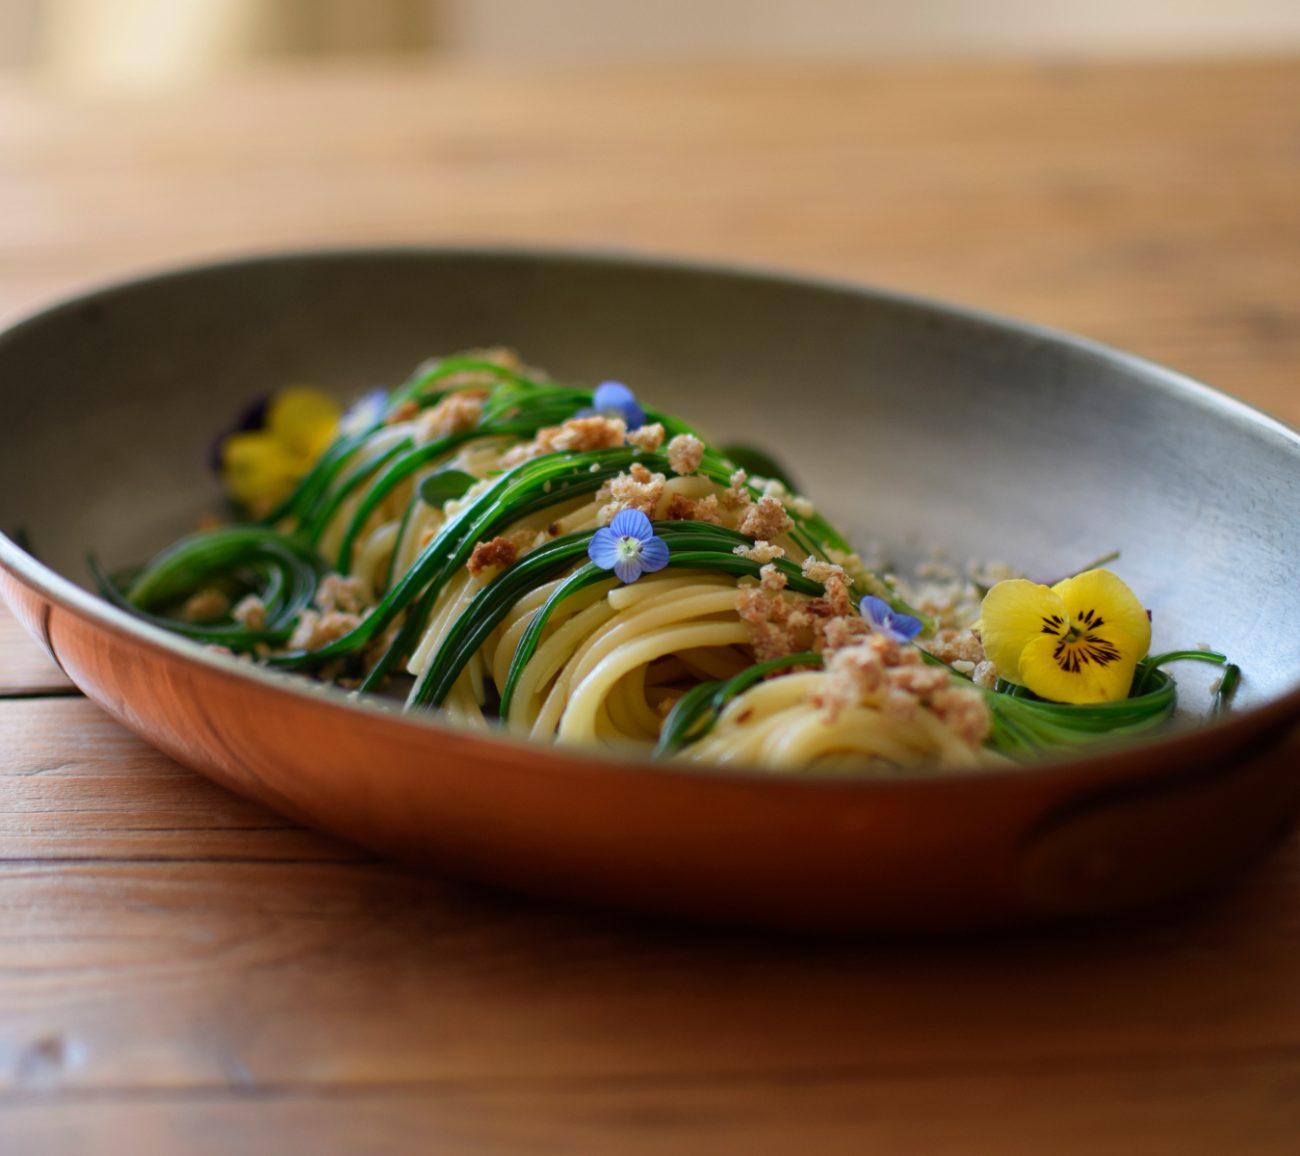 Spaghetti aglio, olio e peperoncino con verdure croccanti